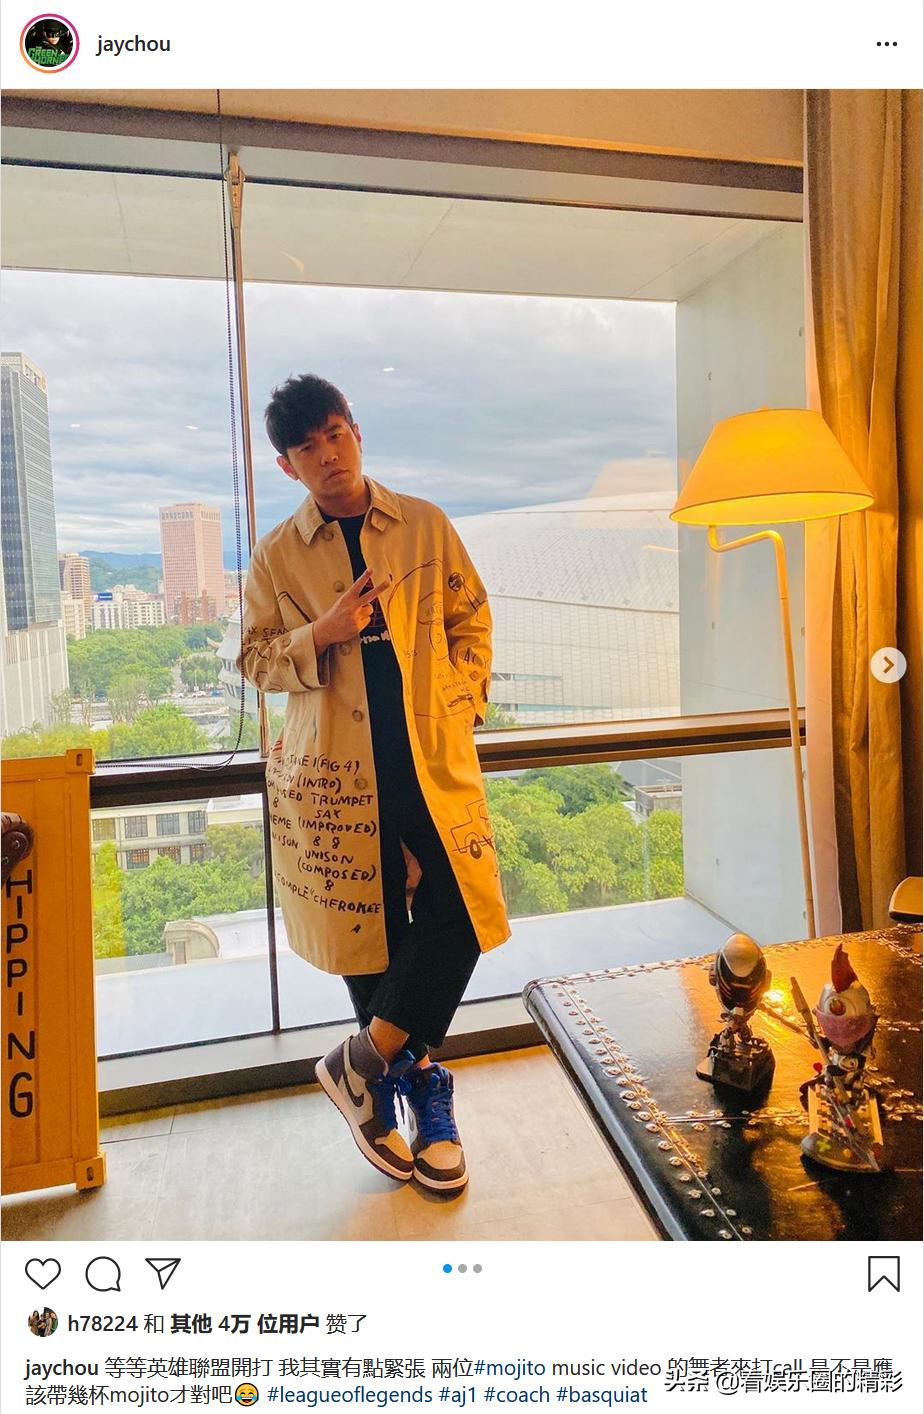 英雄联盟9周年明星赛 王俊凯没被认出来 周杰伦表示有点紧张